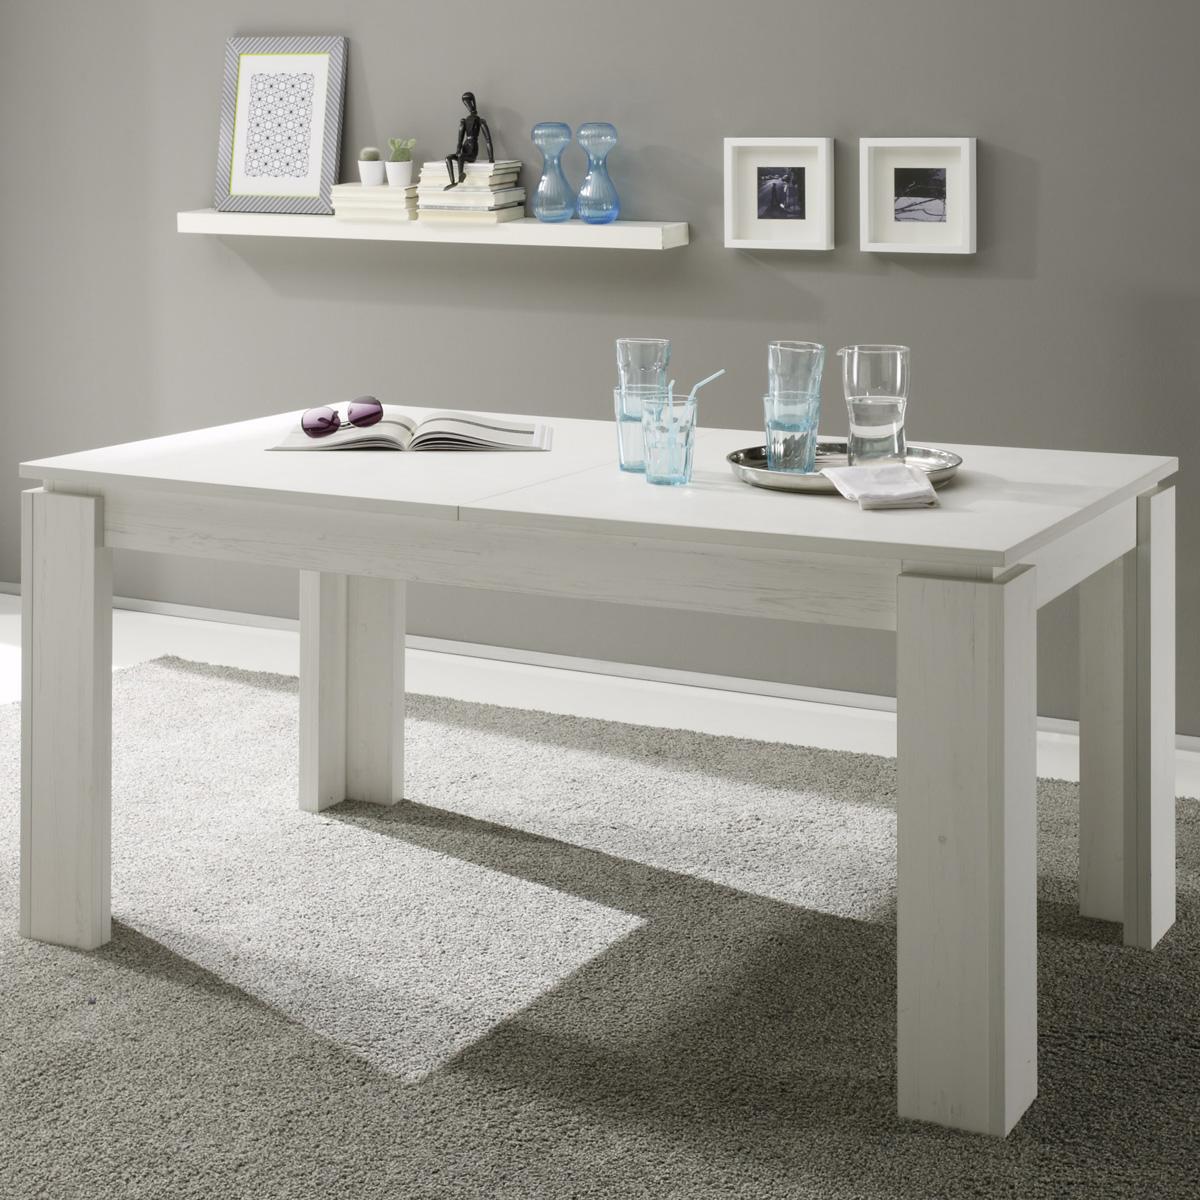 esstisch universal pinie struktur wei ausziehtisch esszimmer tisch k chentisch eur 189 95. Black Bedroom Furniture Sets. Home Design Ideas